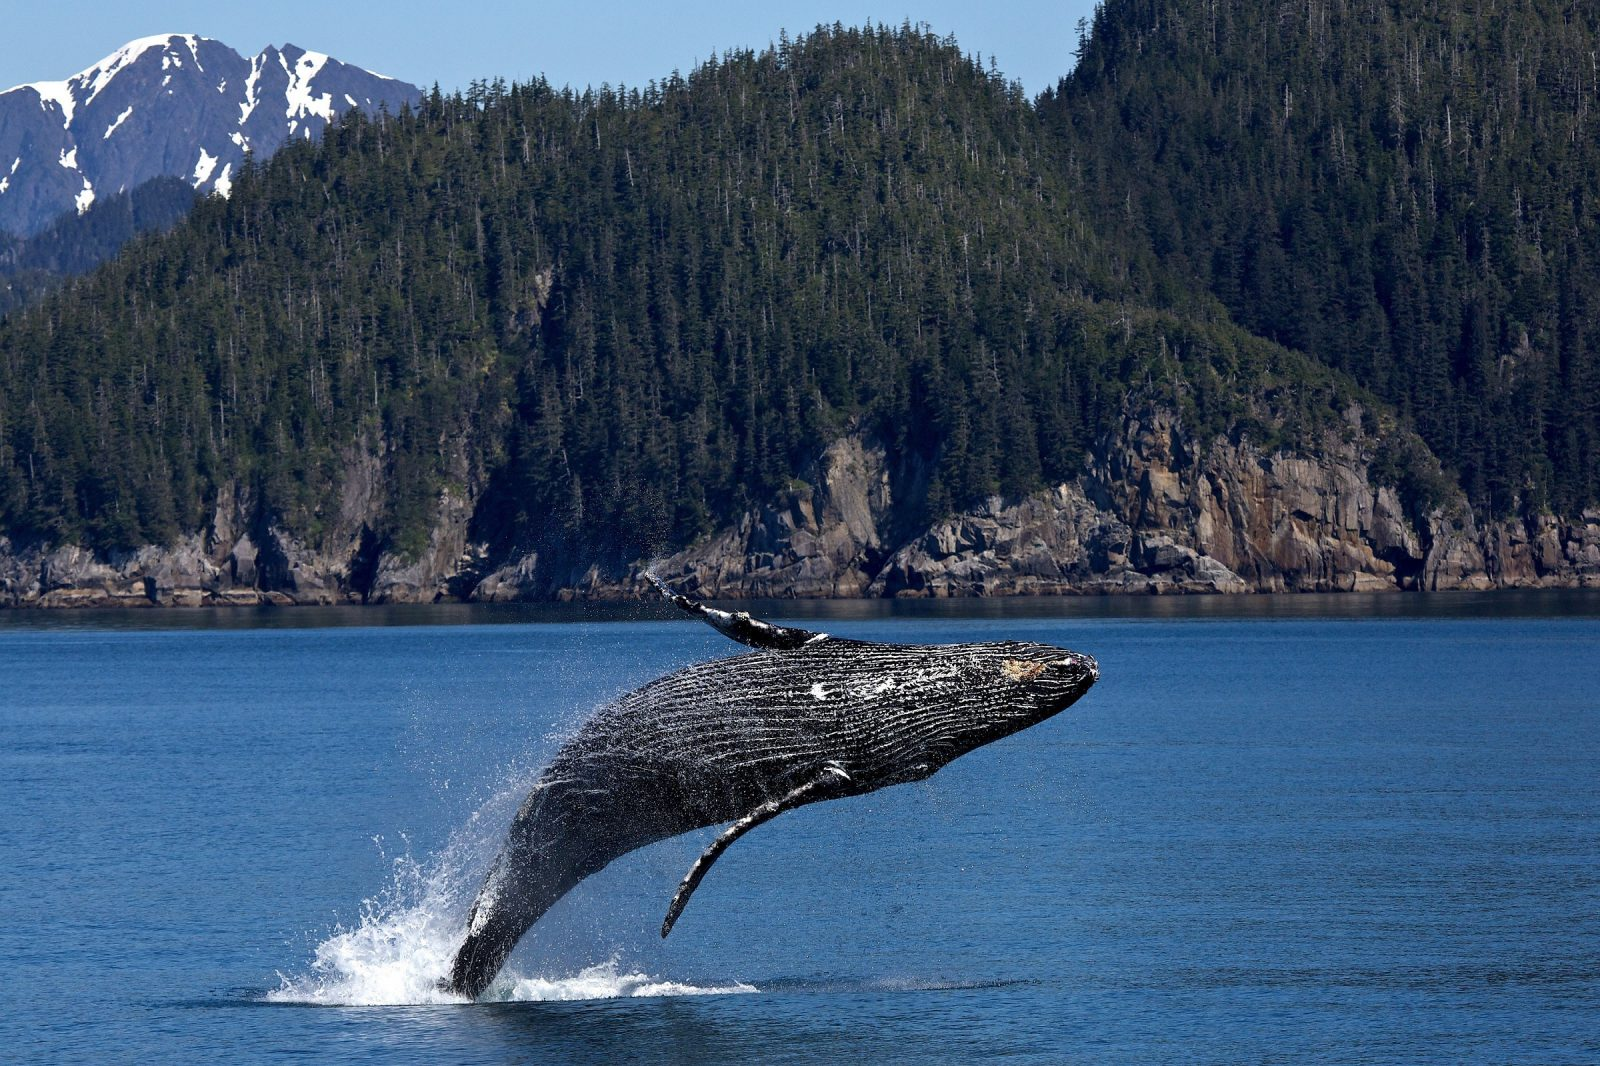 Sonhar com baleia saltando é sinal de alívio.